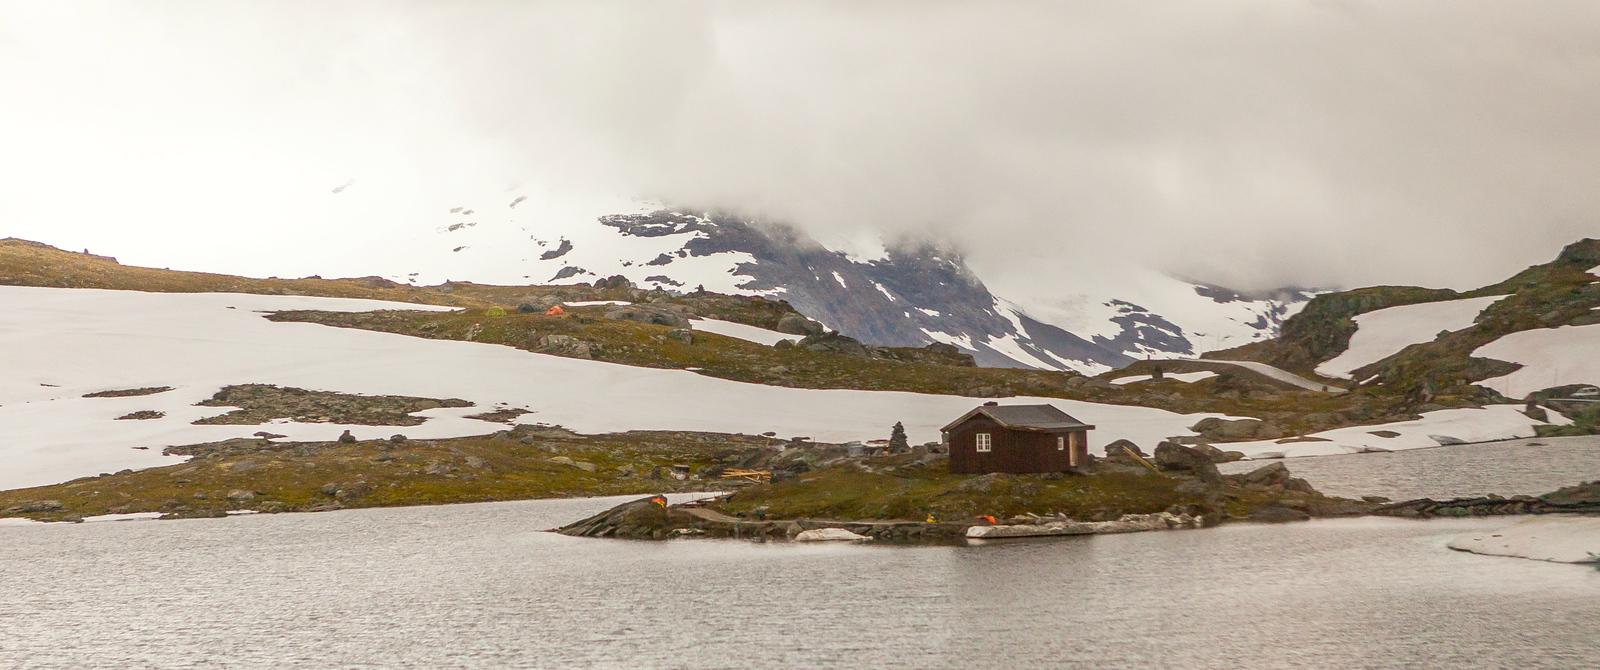 七月的挪威屋脊(Sognefjellet),冰川覆盖